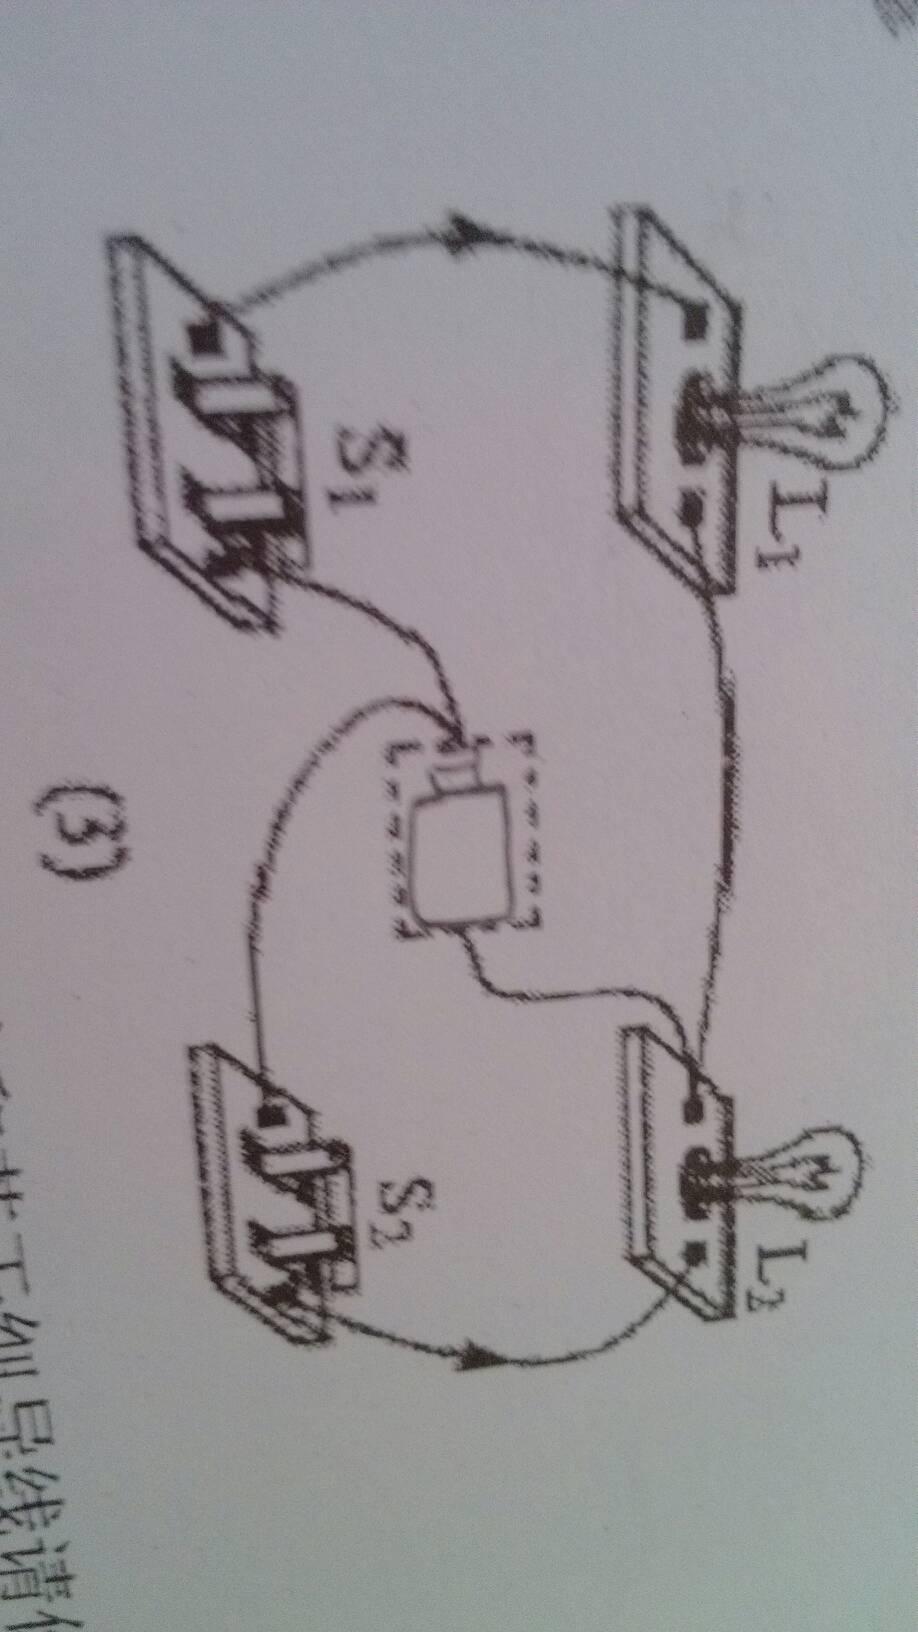 物理题,这个电路图怎么画?